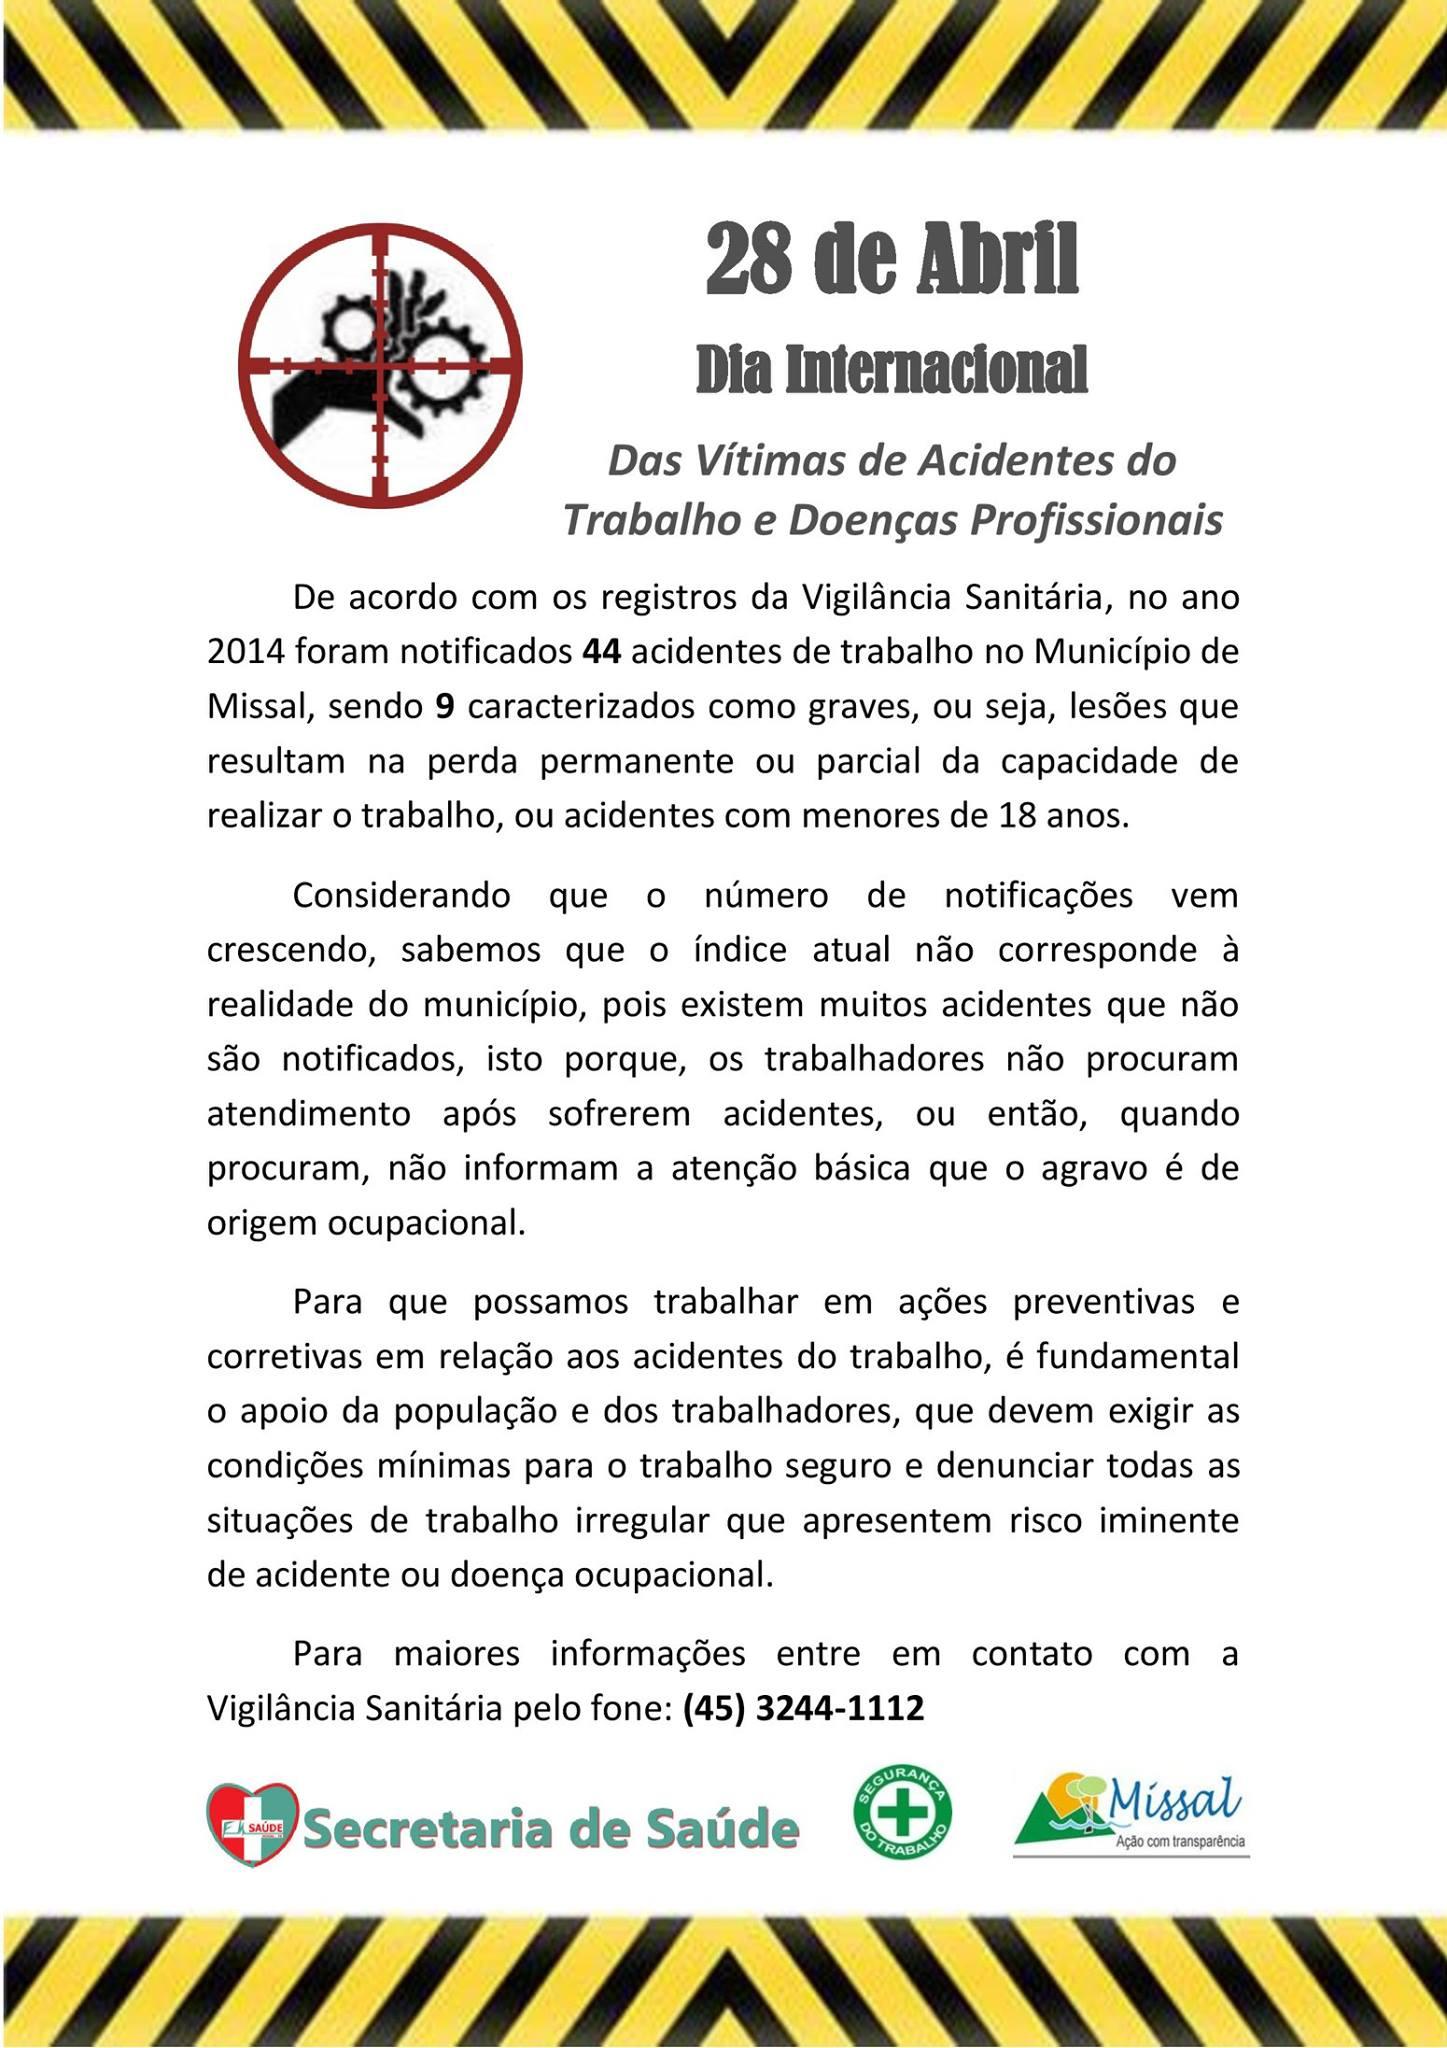 Dia Internacional Das V�timas de Acidentes do Trabalho e Doen�as Profissionais